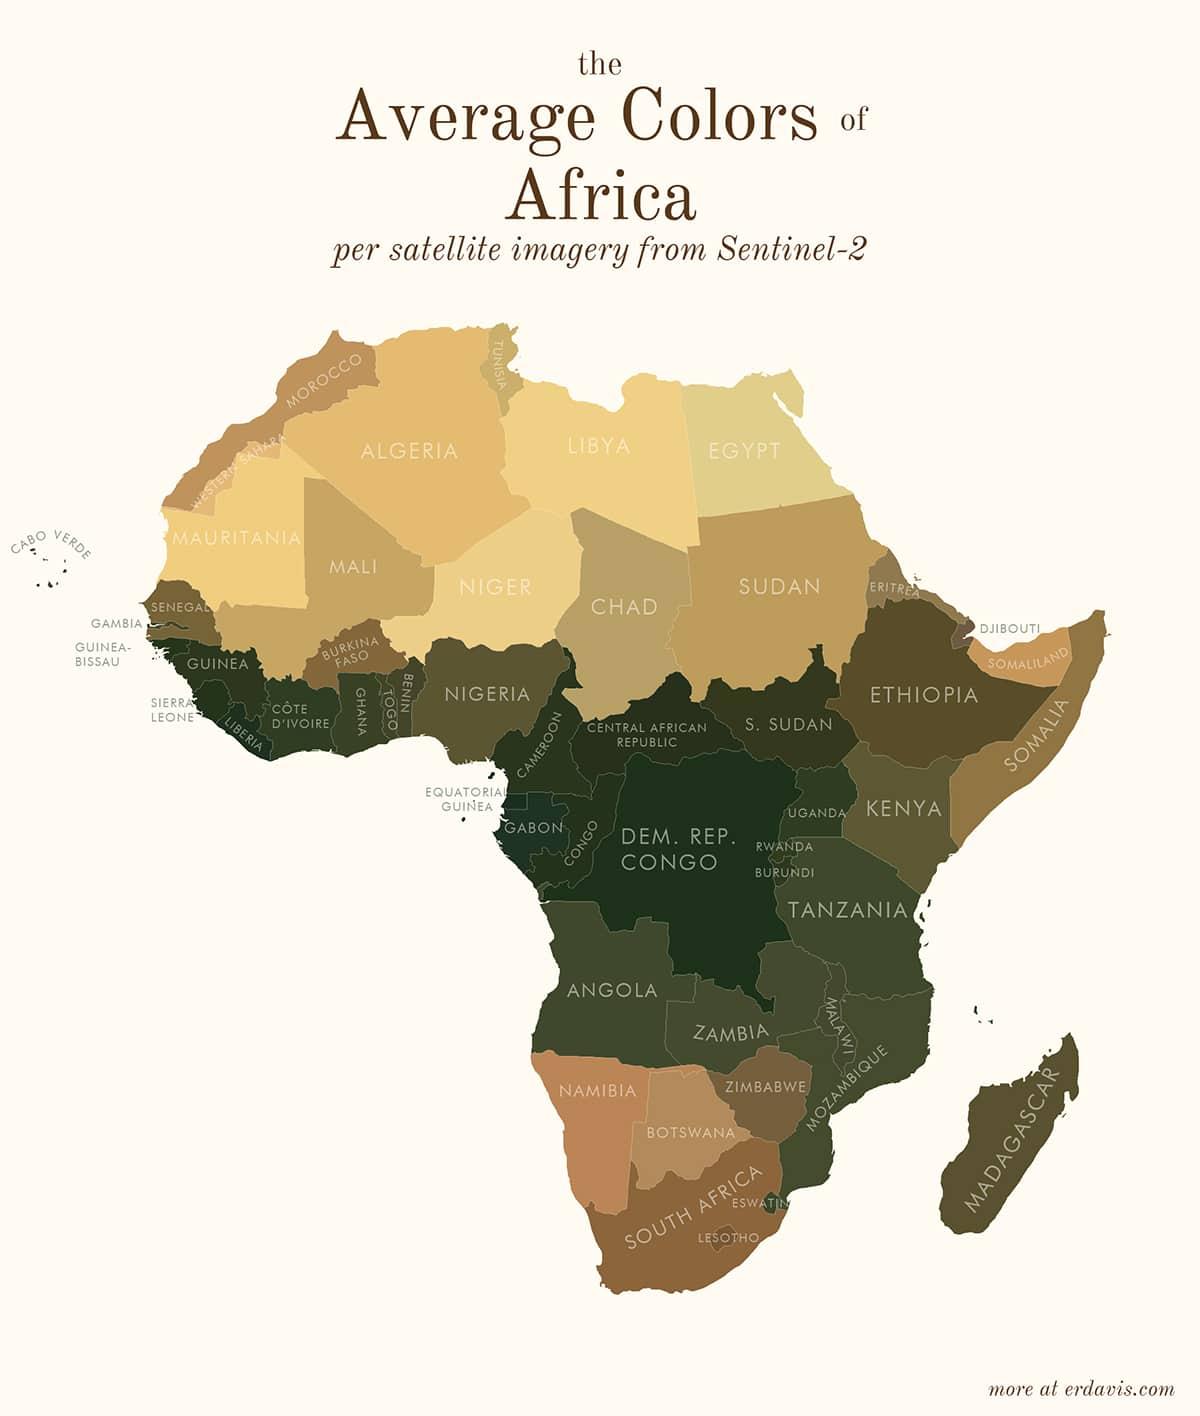 Carte des couleurs moyennes de l'Afrique